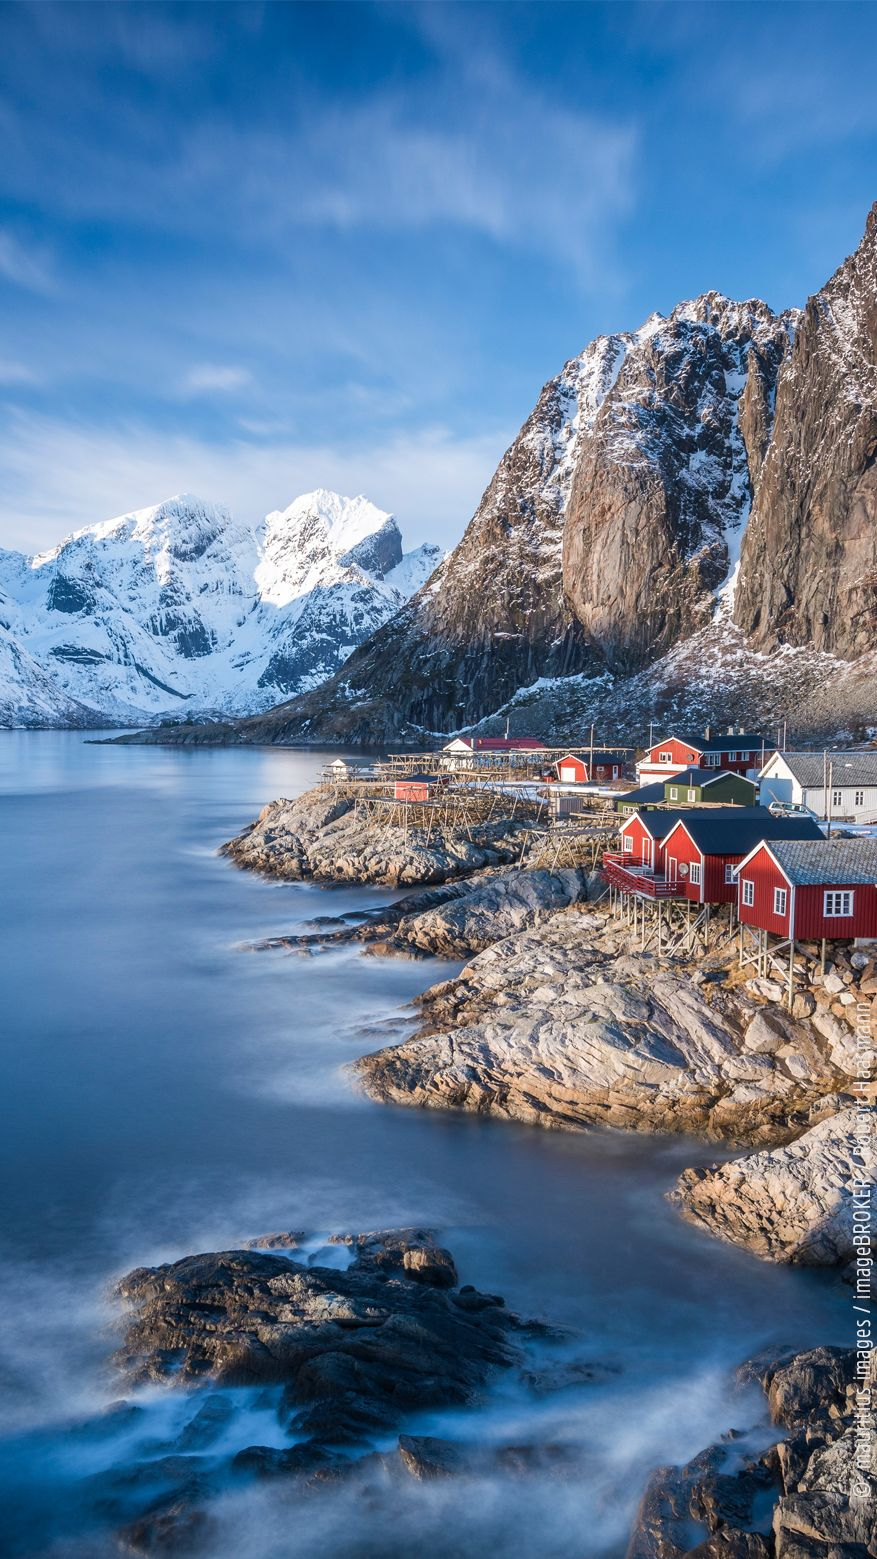 Traumort Des Tages Lofoten In Norwegen Norwegen Landschaft Lofoten Norwegen